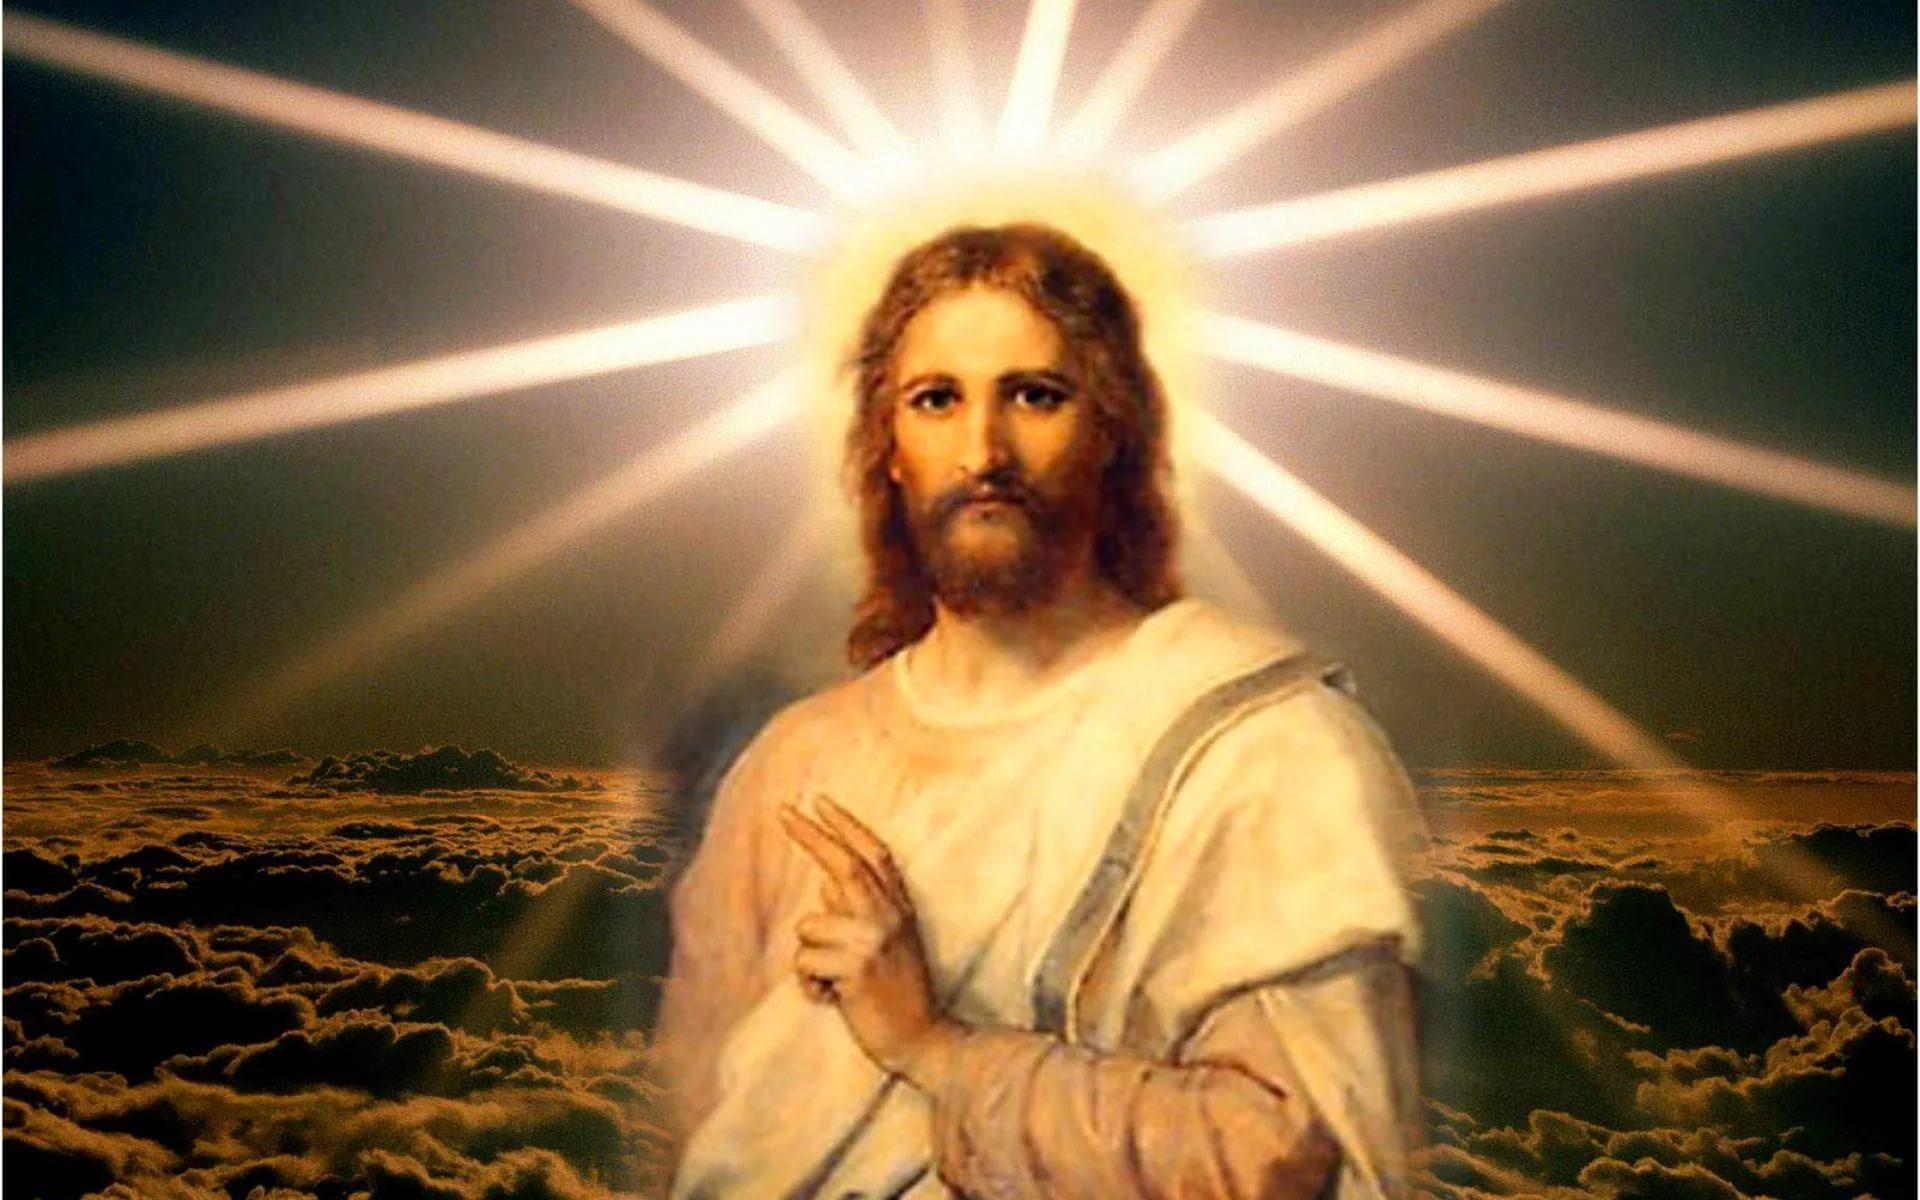 Иисус христос картинки фото